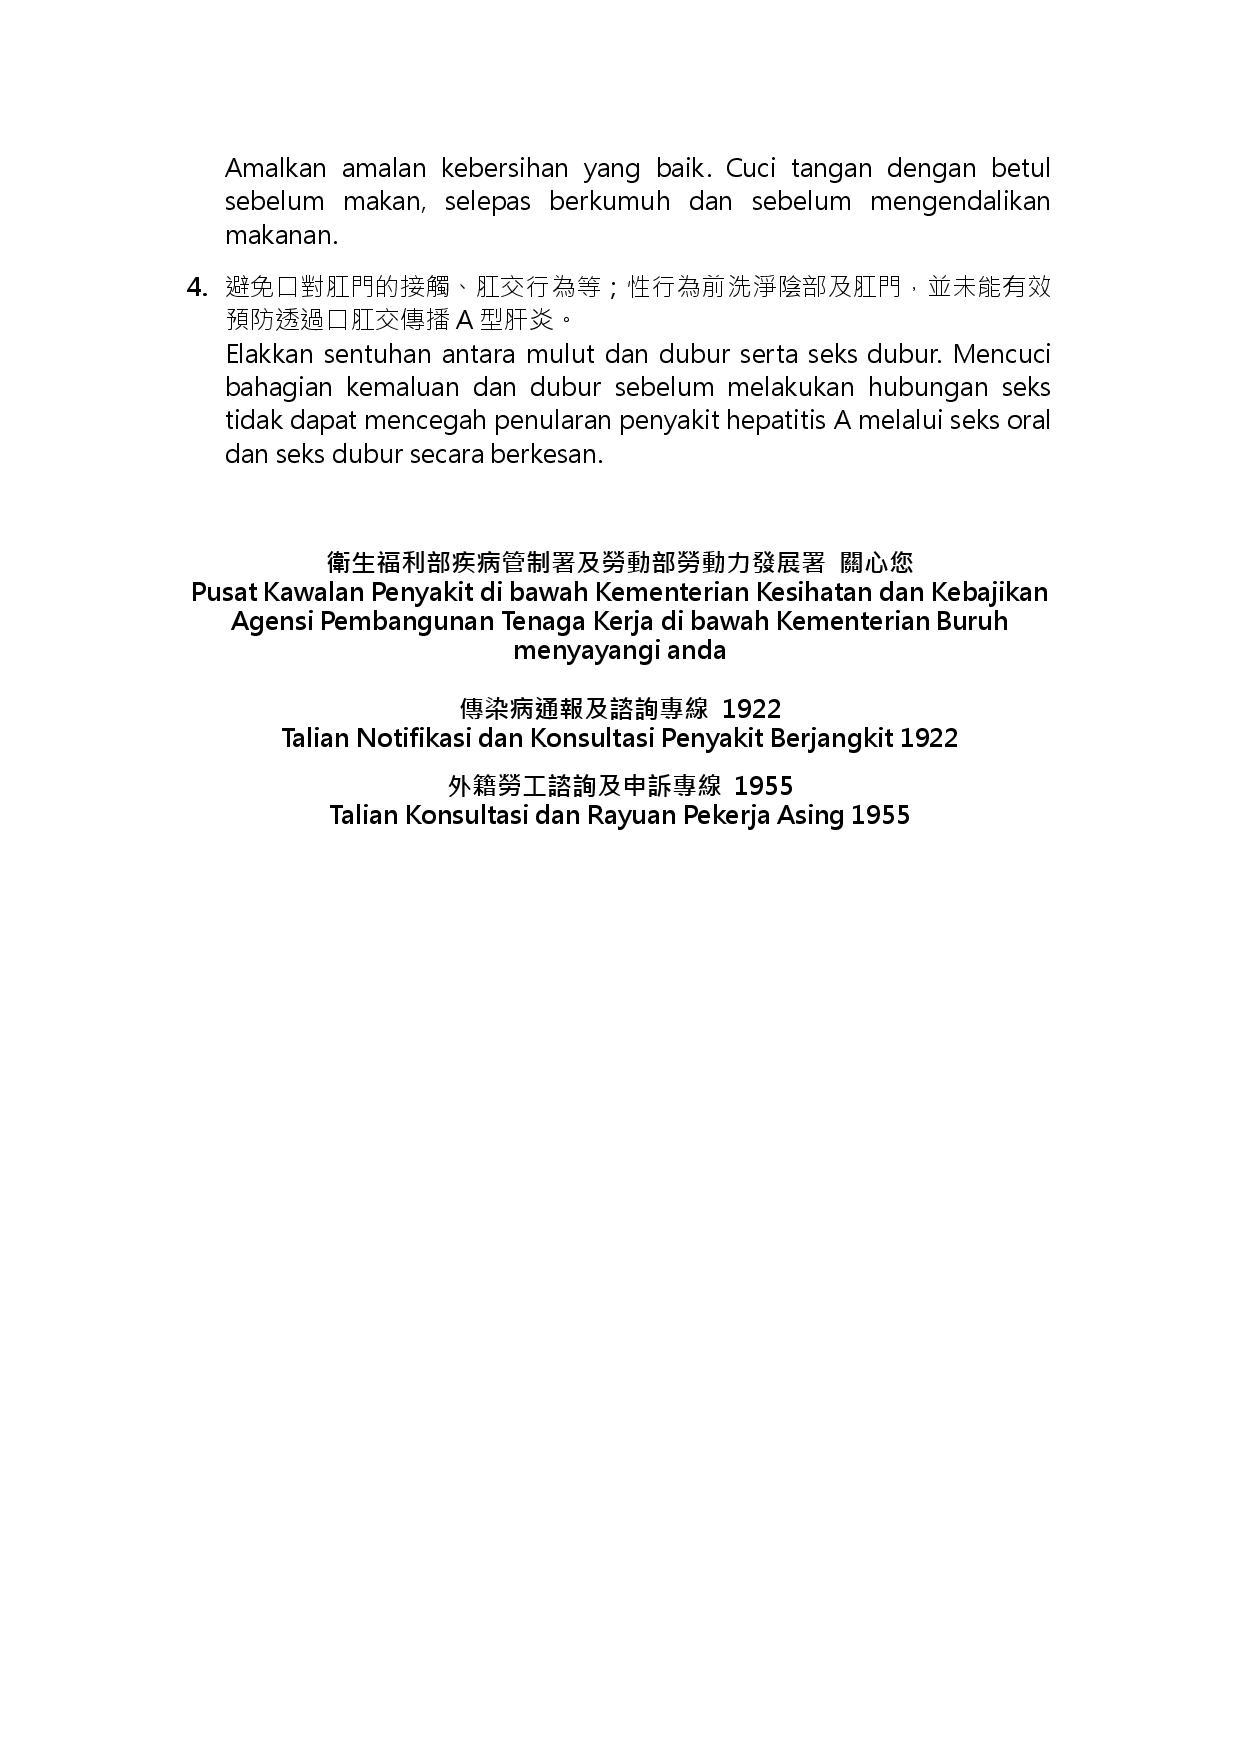 詳如附件【klik saya】mencegah penyakit hepatitis A akut(Halaman 3)預防急性病毒性A型肝炎,接種疫苗最有效(馬來文)